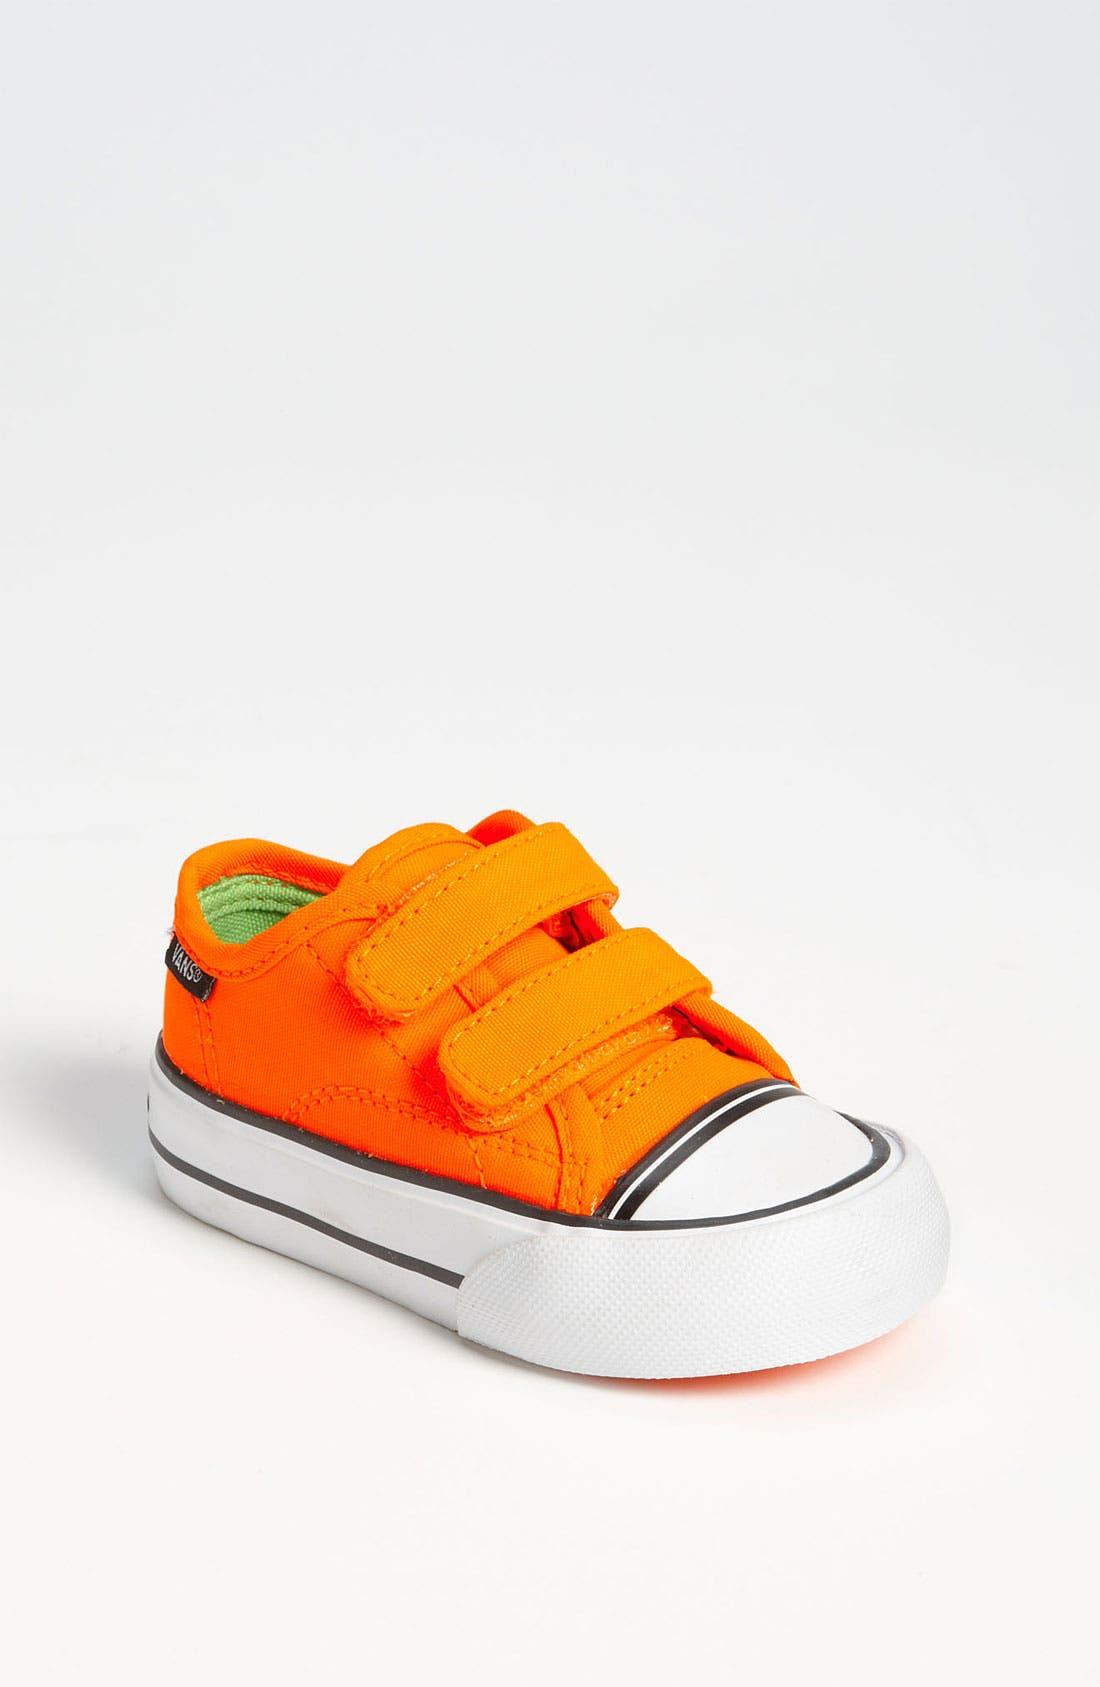 Alternate Image 1 Selected - Vans 'Big Skool' Sneaker (Baby, Walker & Toddler)